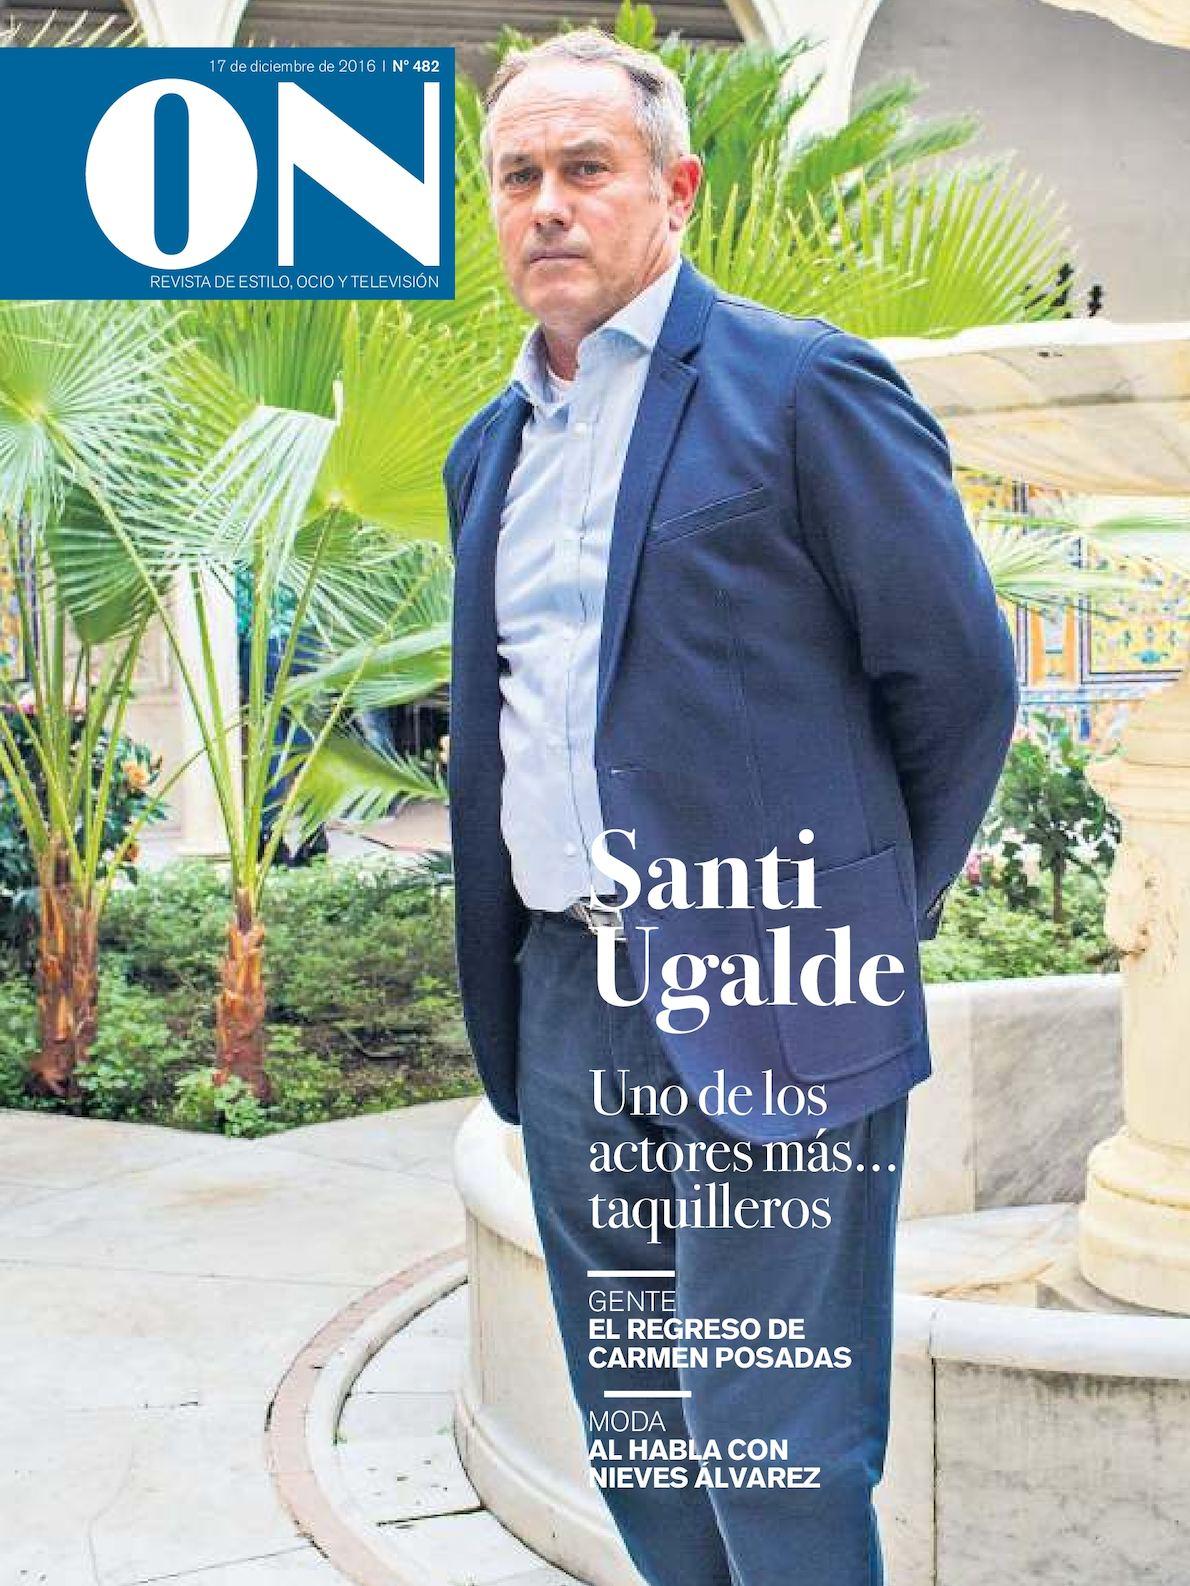 ON Revista de Ocio y Estilo 20161217